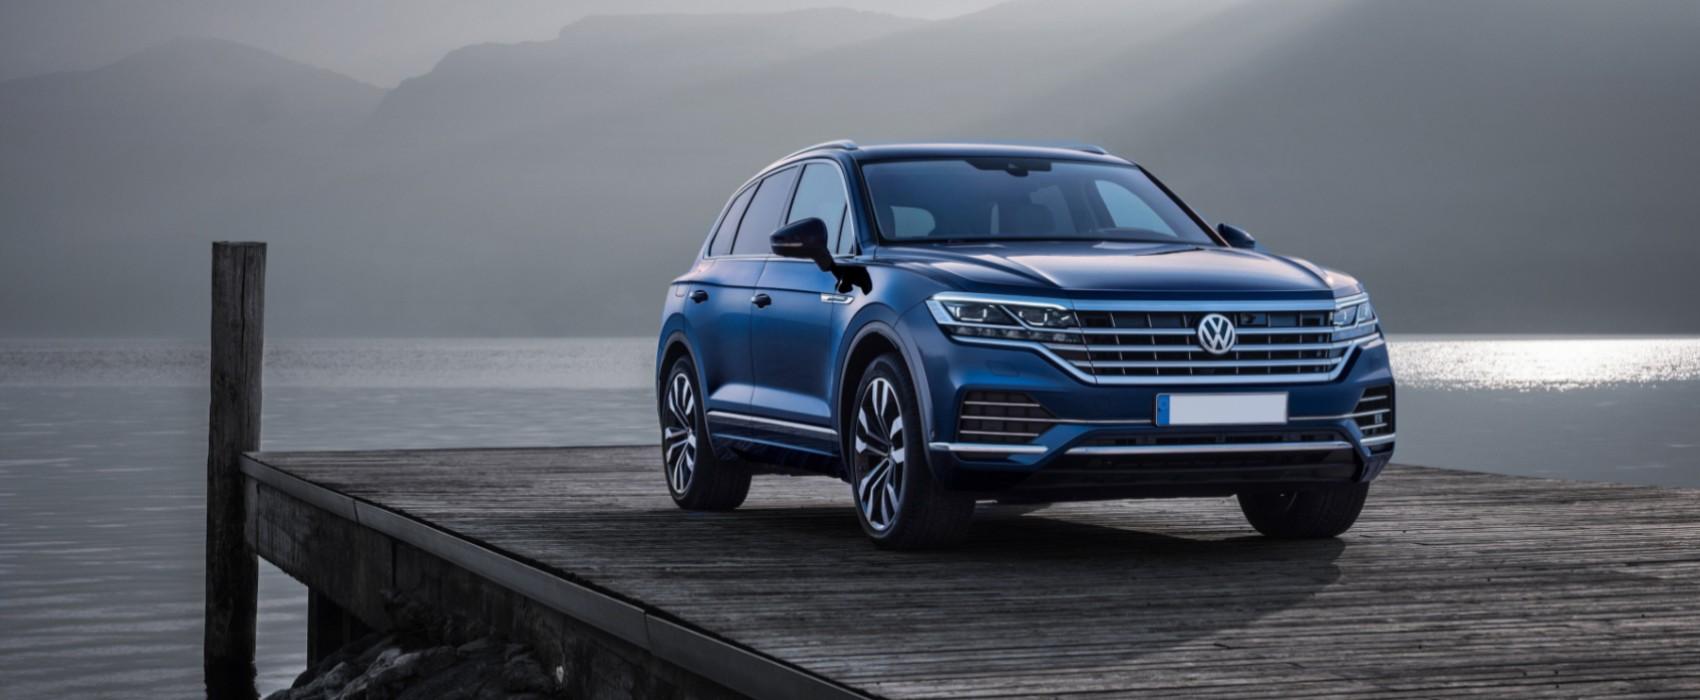 <strong>Volkswagen </strong>příslušenství